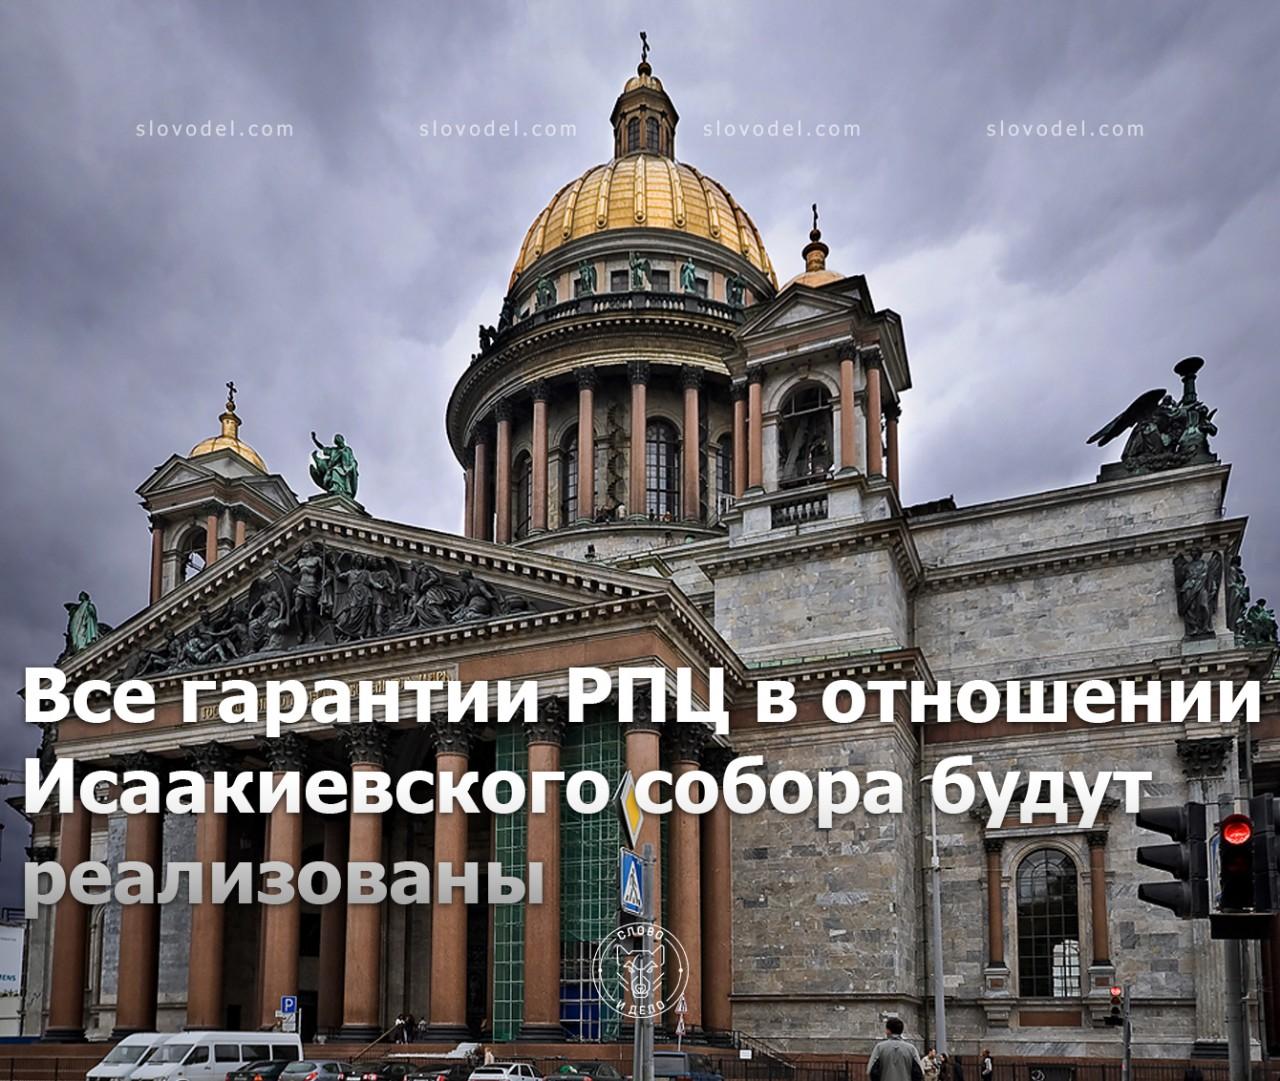 Патриарх Кирилл: все гарантии РПЦ в отношении Исаакиевского собора будут реализованы